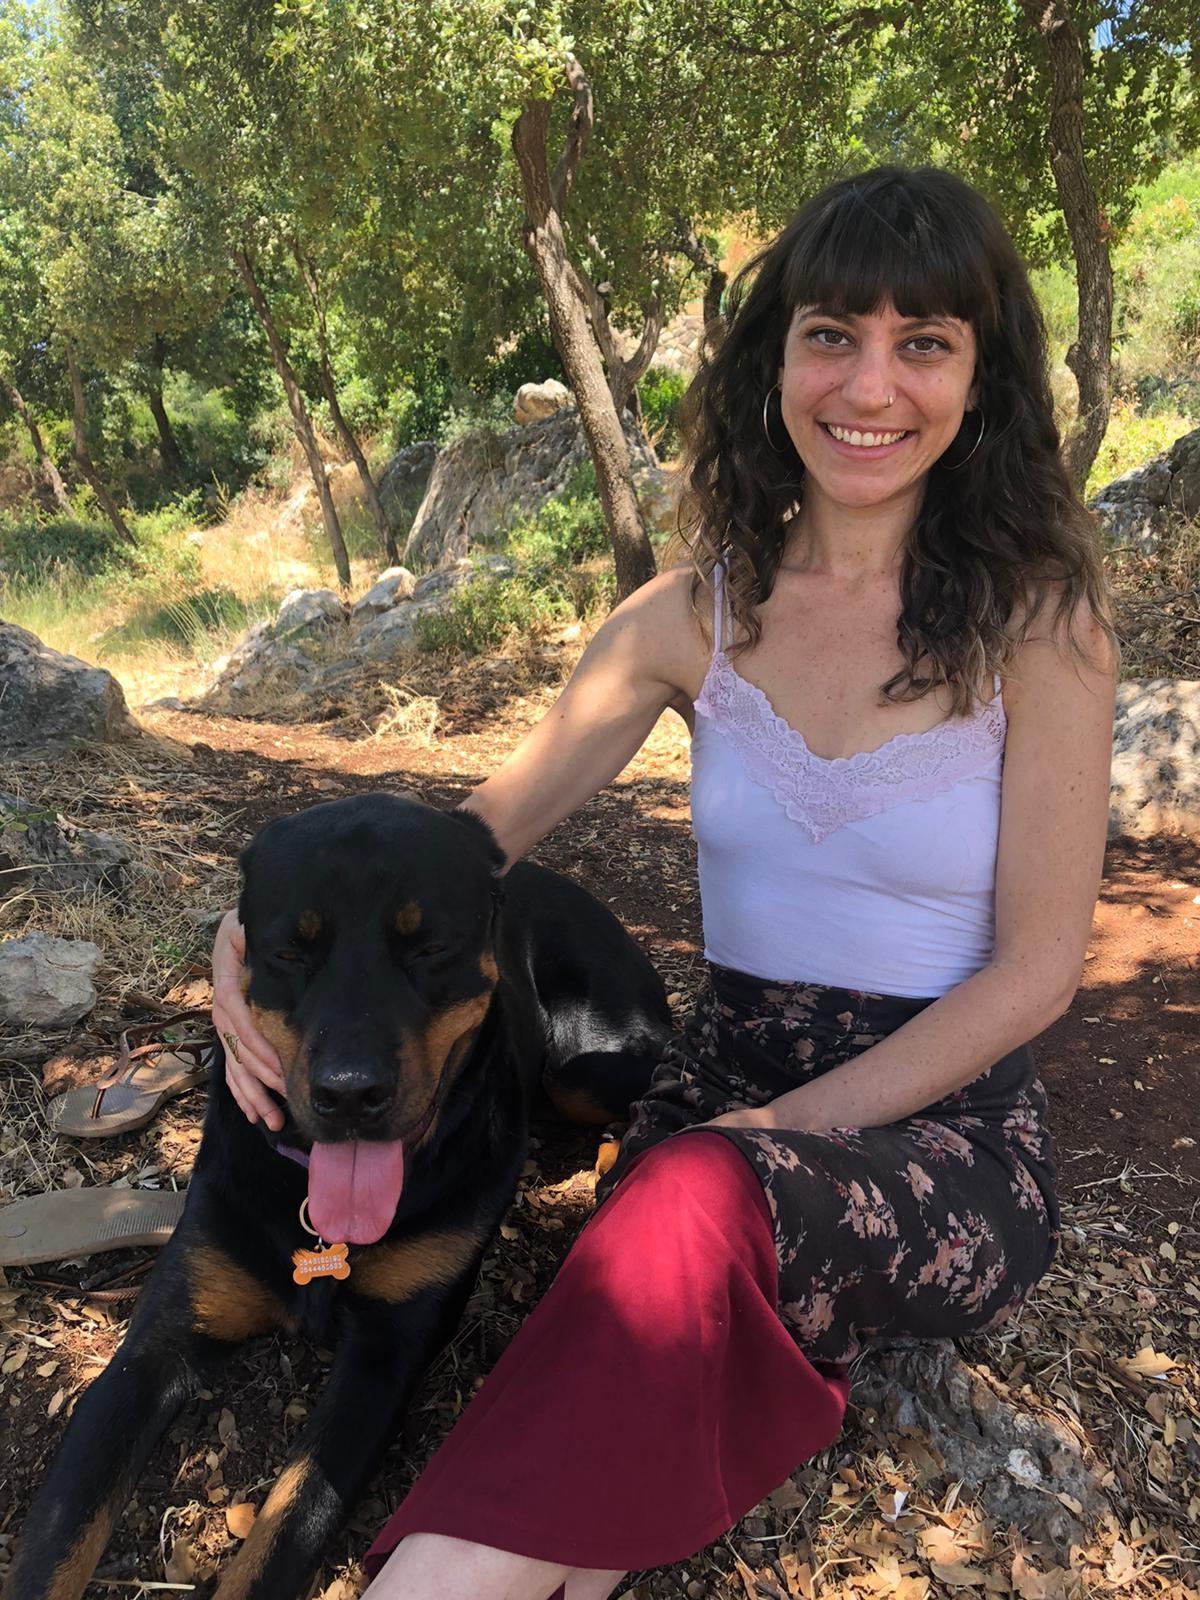 תקשורת טלפתית עם כלבים